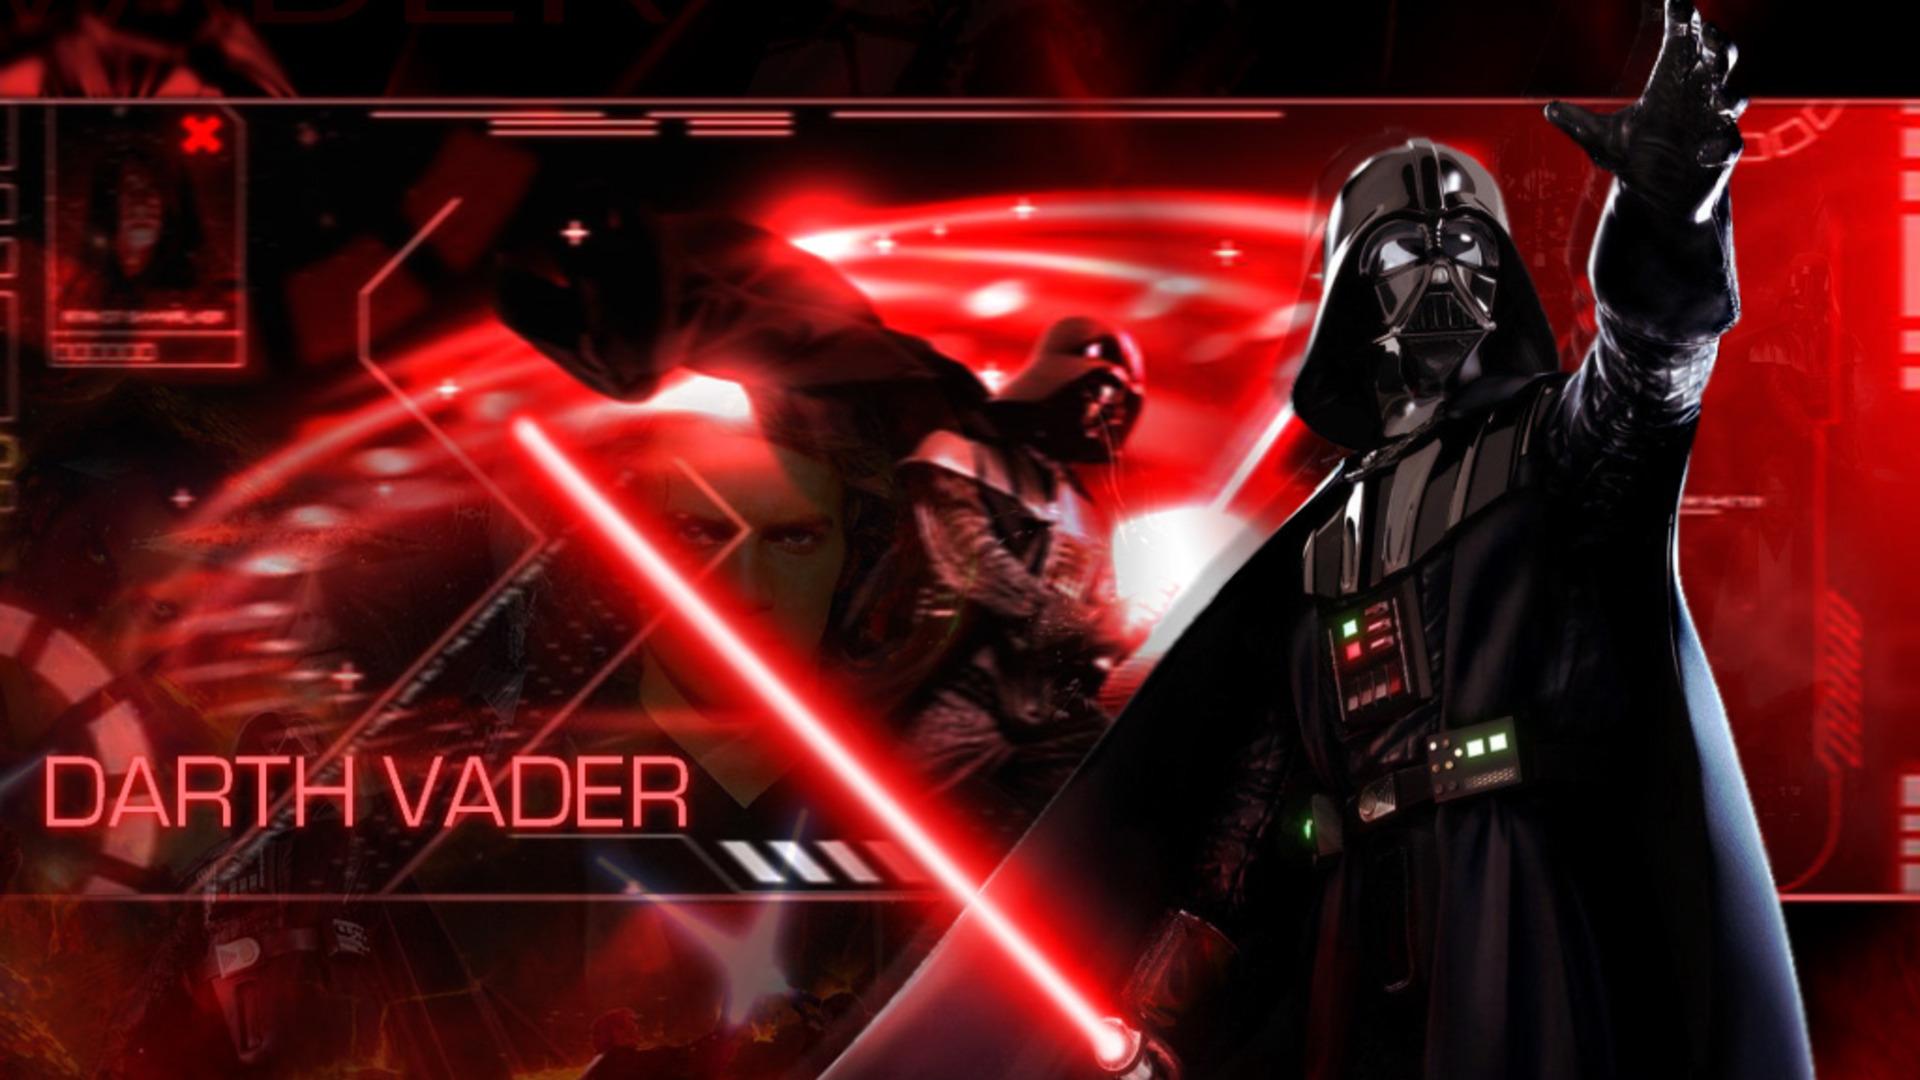 Darth Vader Wallpaper Iphone: Darth Vader Wallpaper